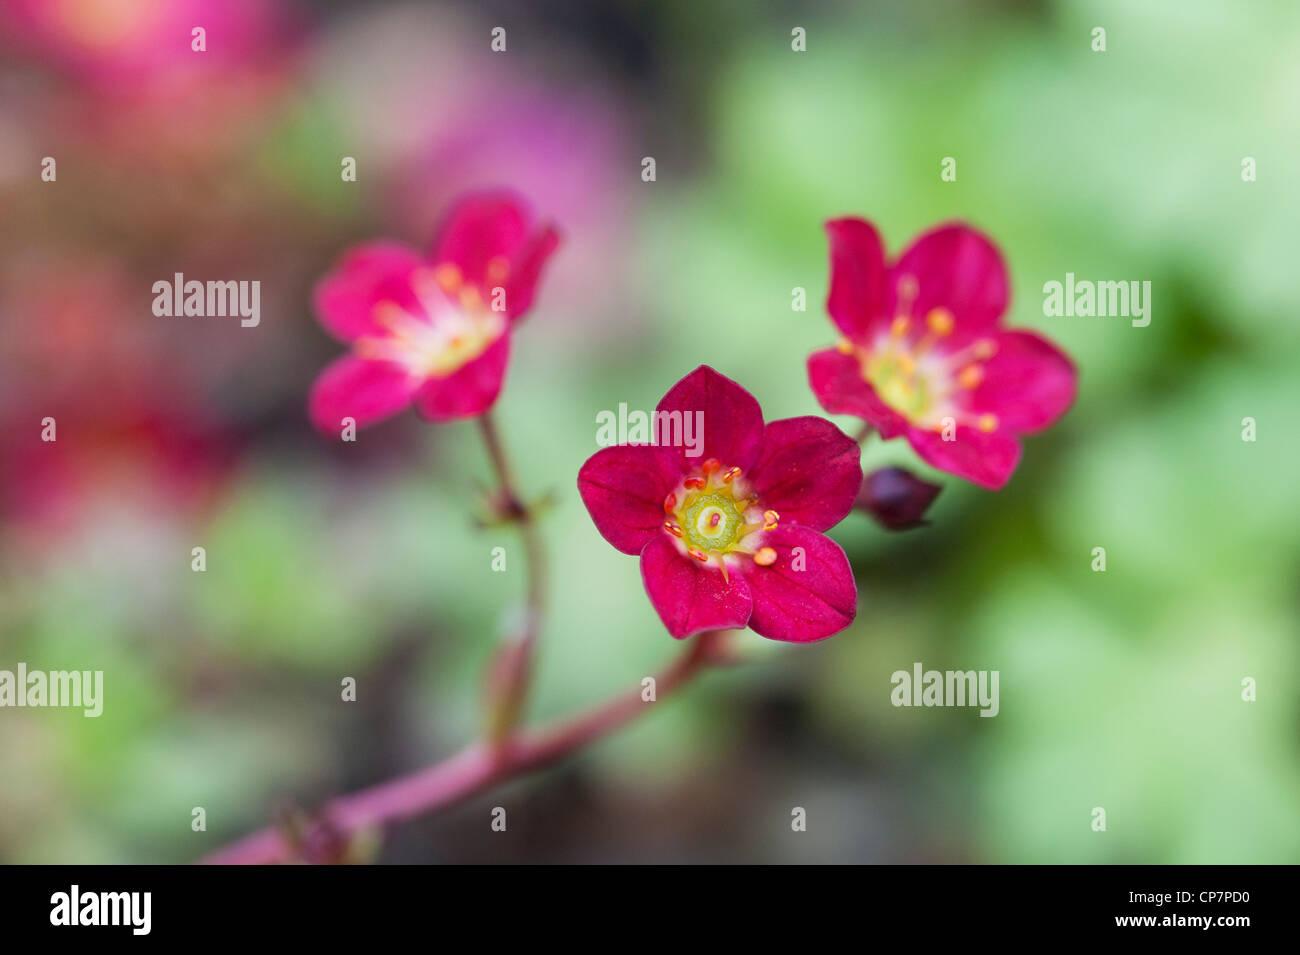 Saxifraga 'Peter Pan'. Saxifrage flowers - Stock Image